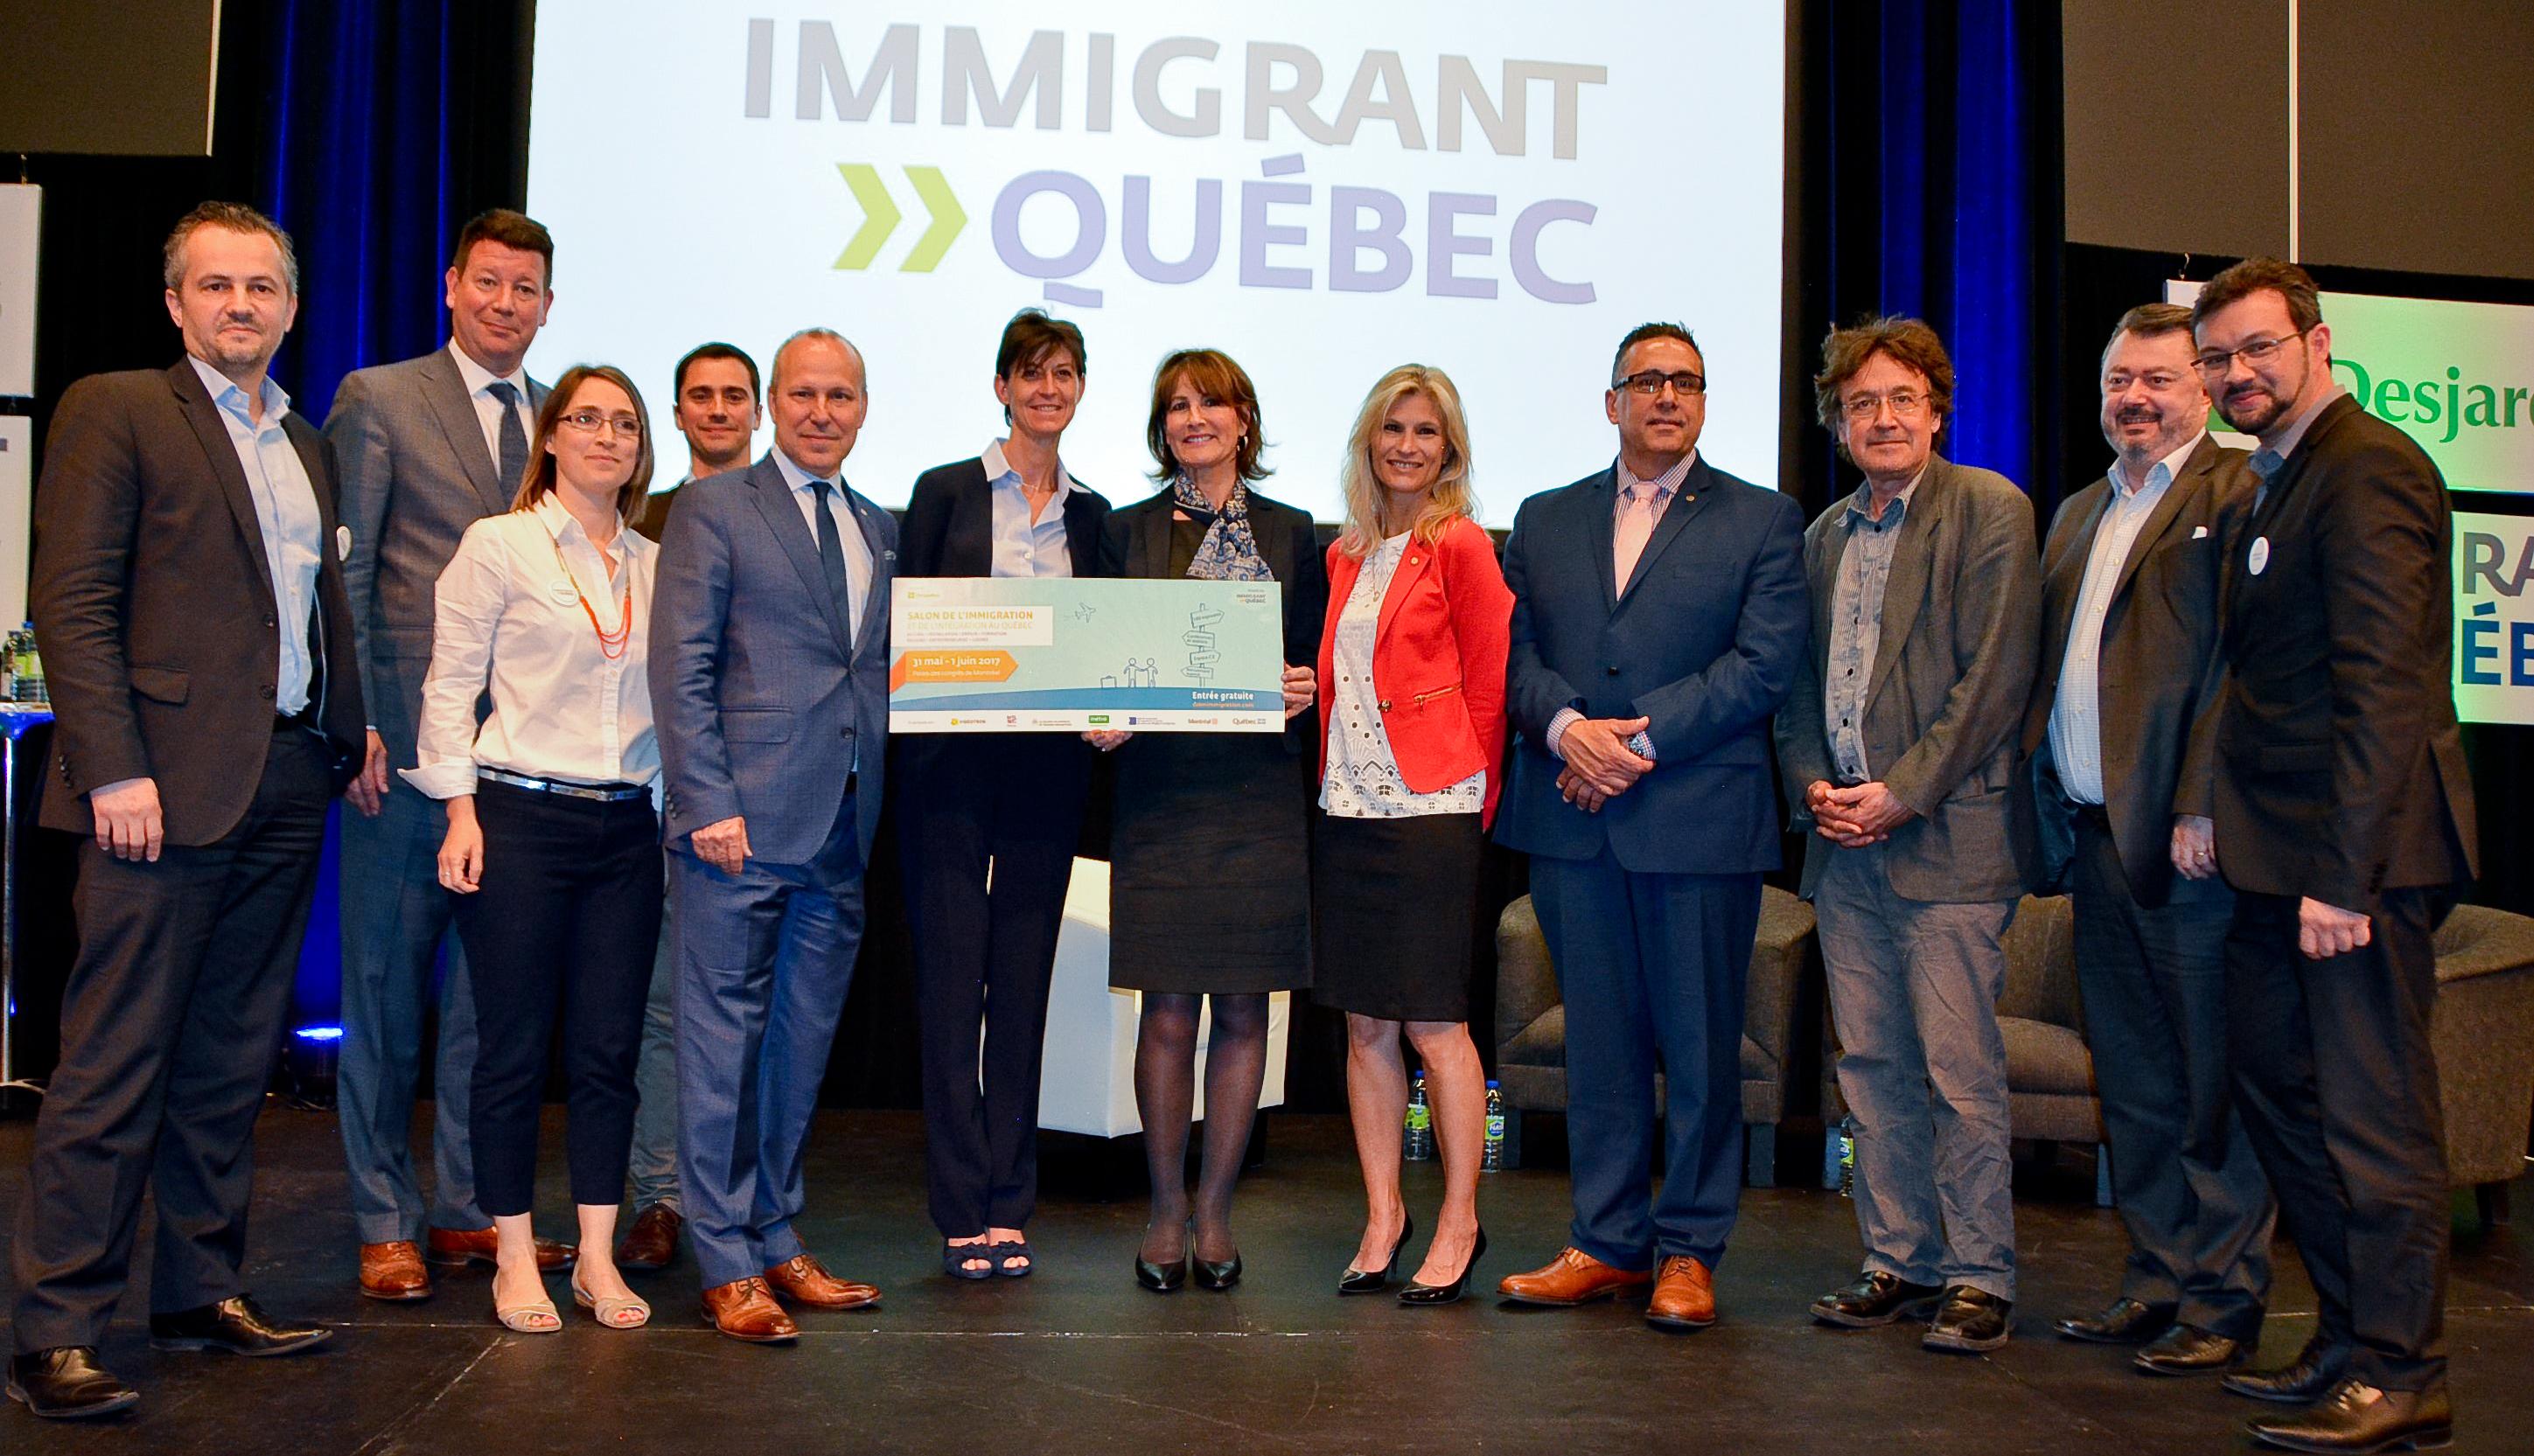 Les étudiants au coeur de la 6e édition du Salon de l'immigration et de l'intégration du Québec